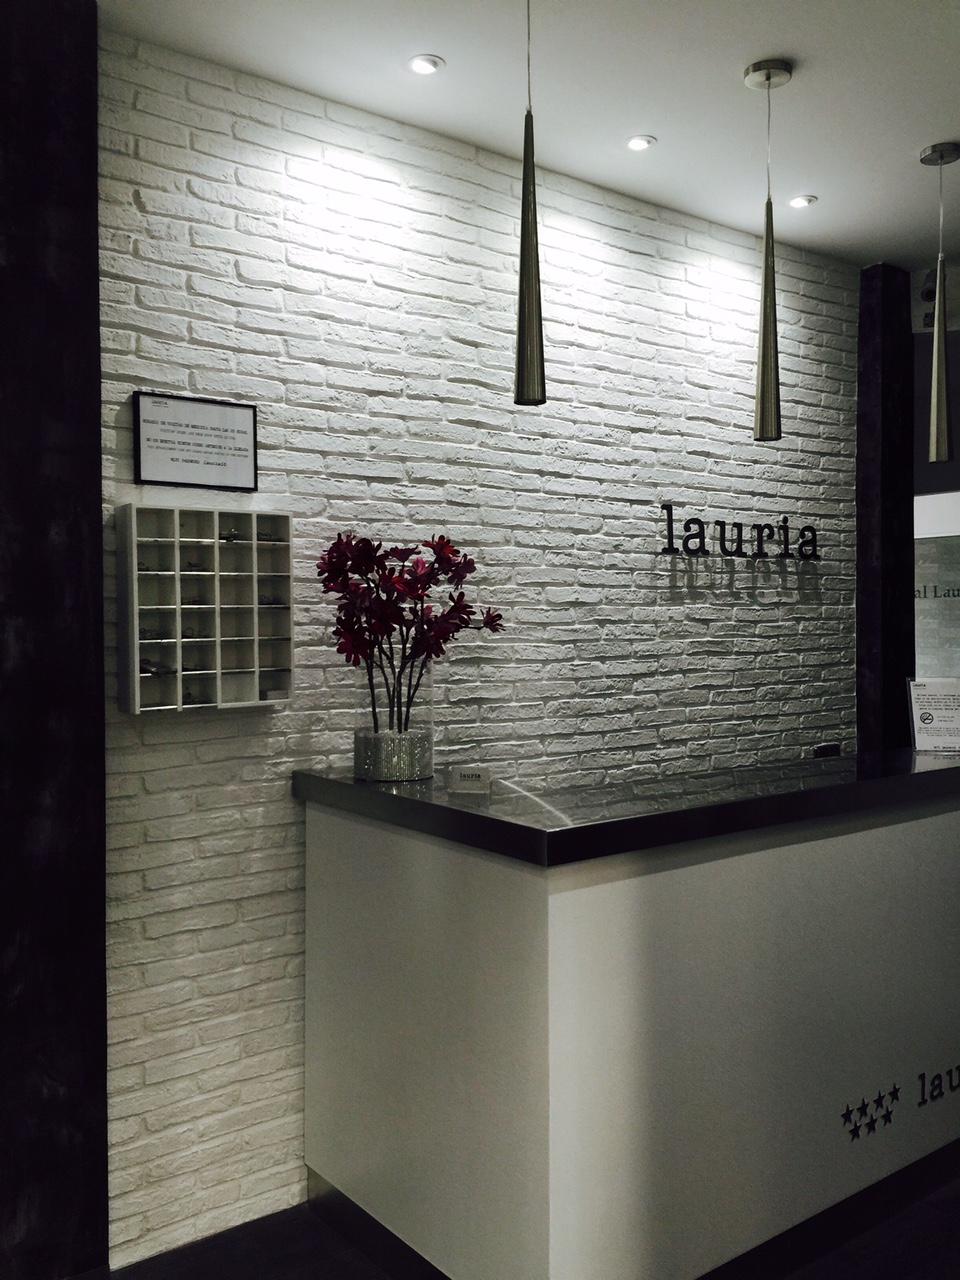 Panelpiedra ladrillo rustico en blanco 13 panel piedra paneles de piedra paneles - Paneles de decoracion para paredes ...